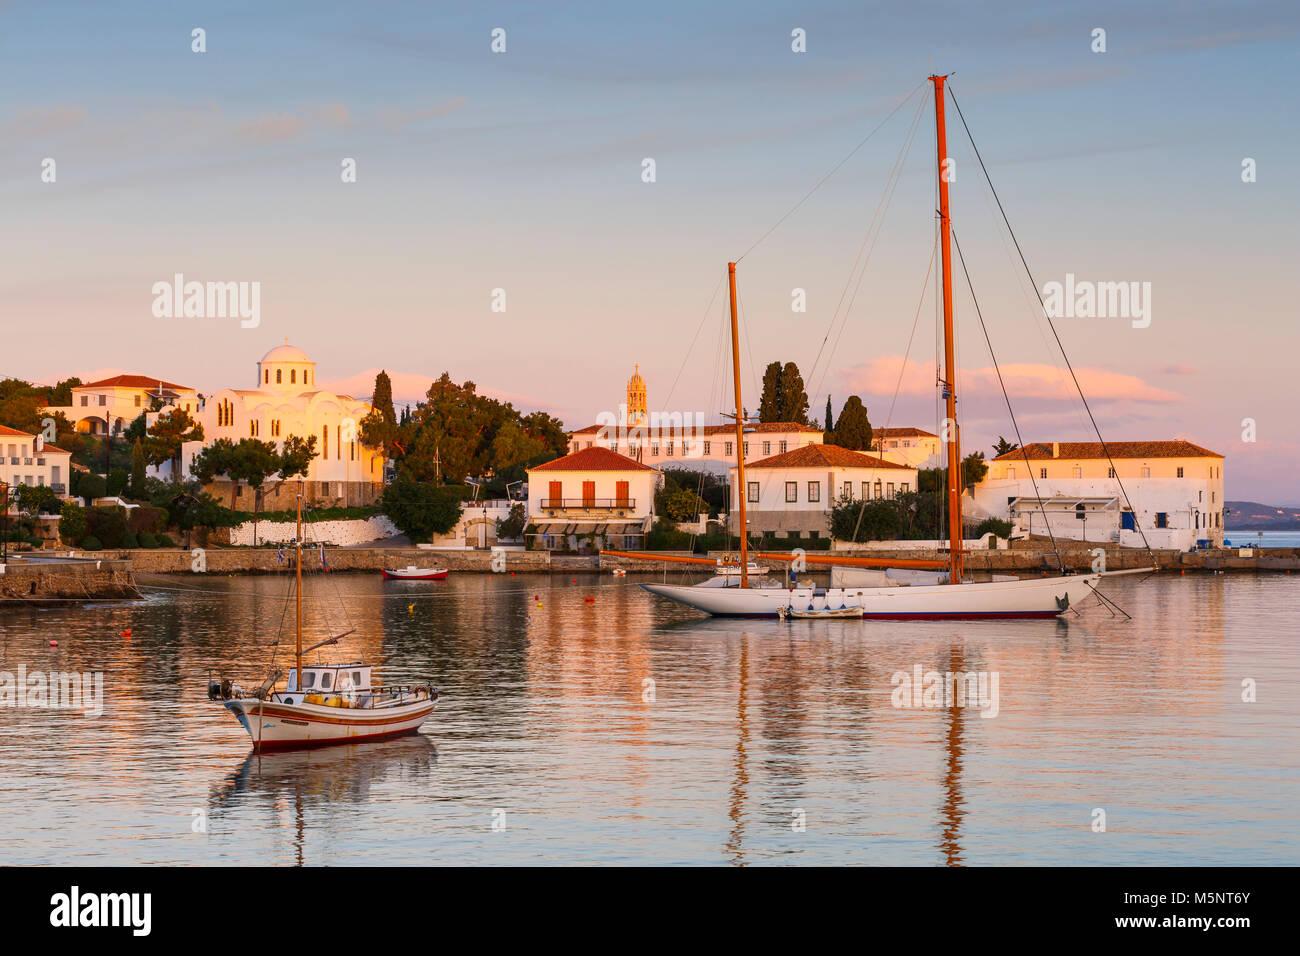 Häuser im Hafen von Spetses, Griechenland. Stockbild